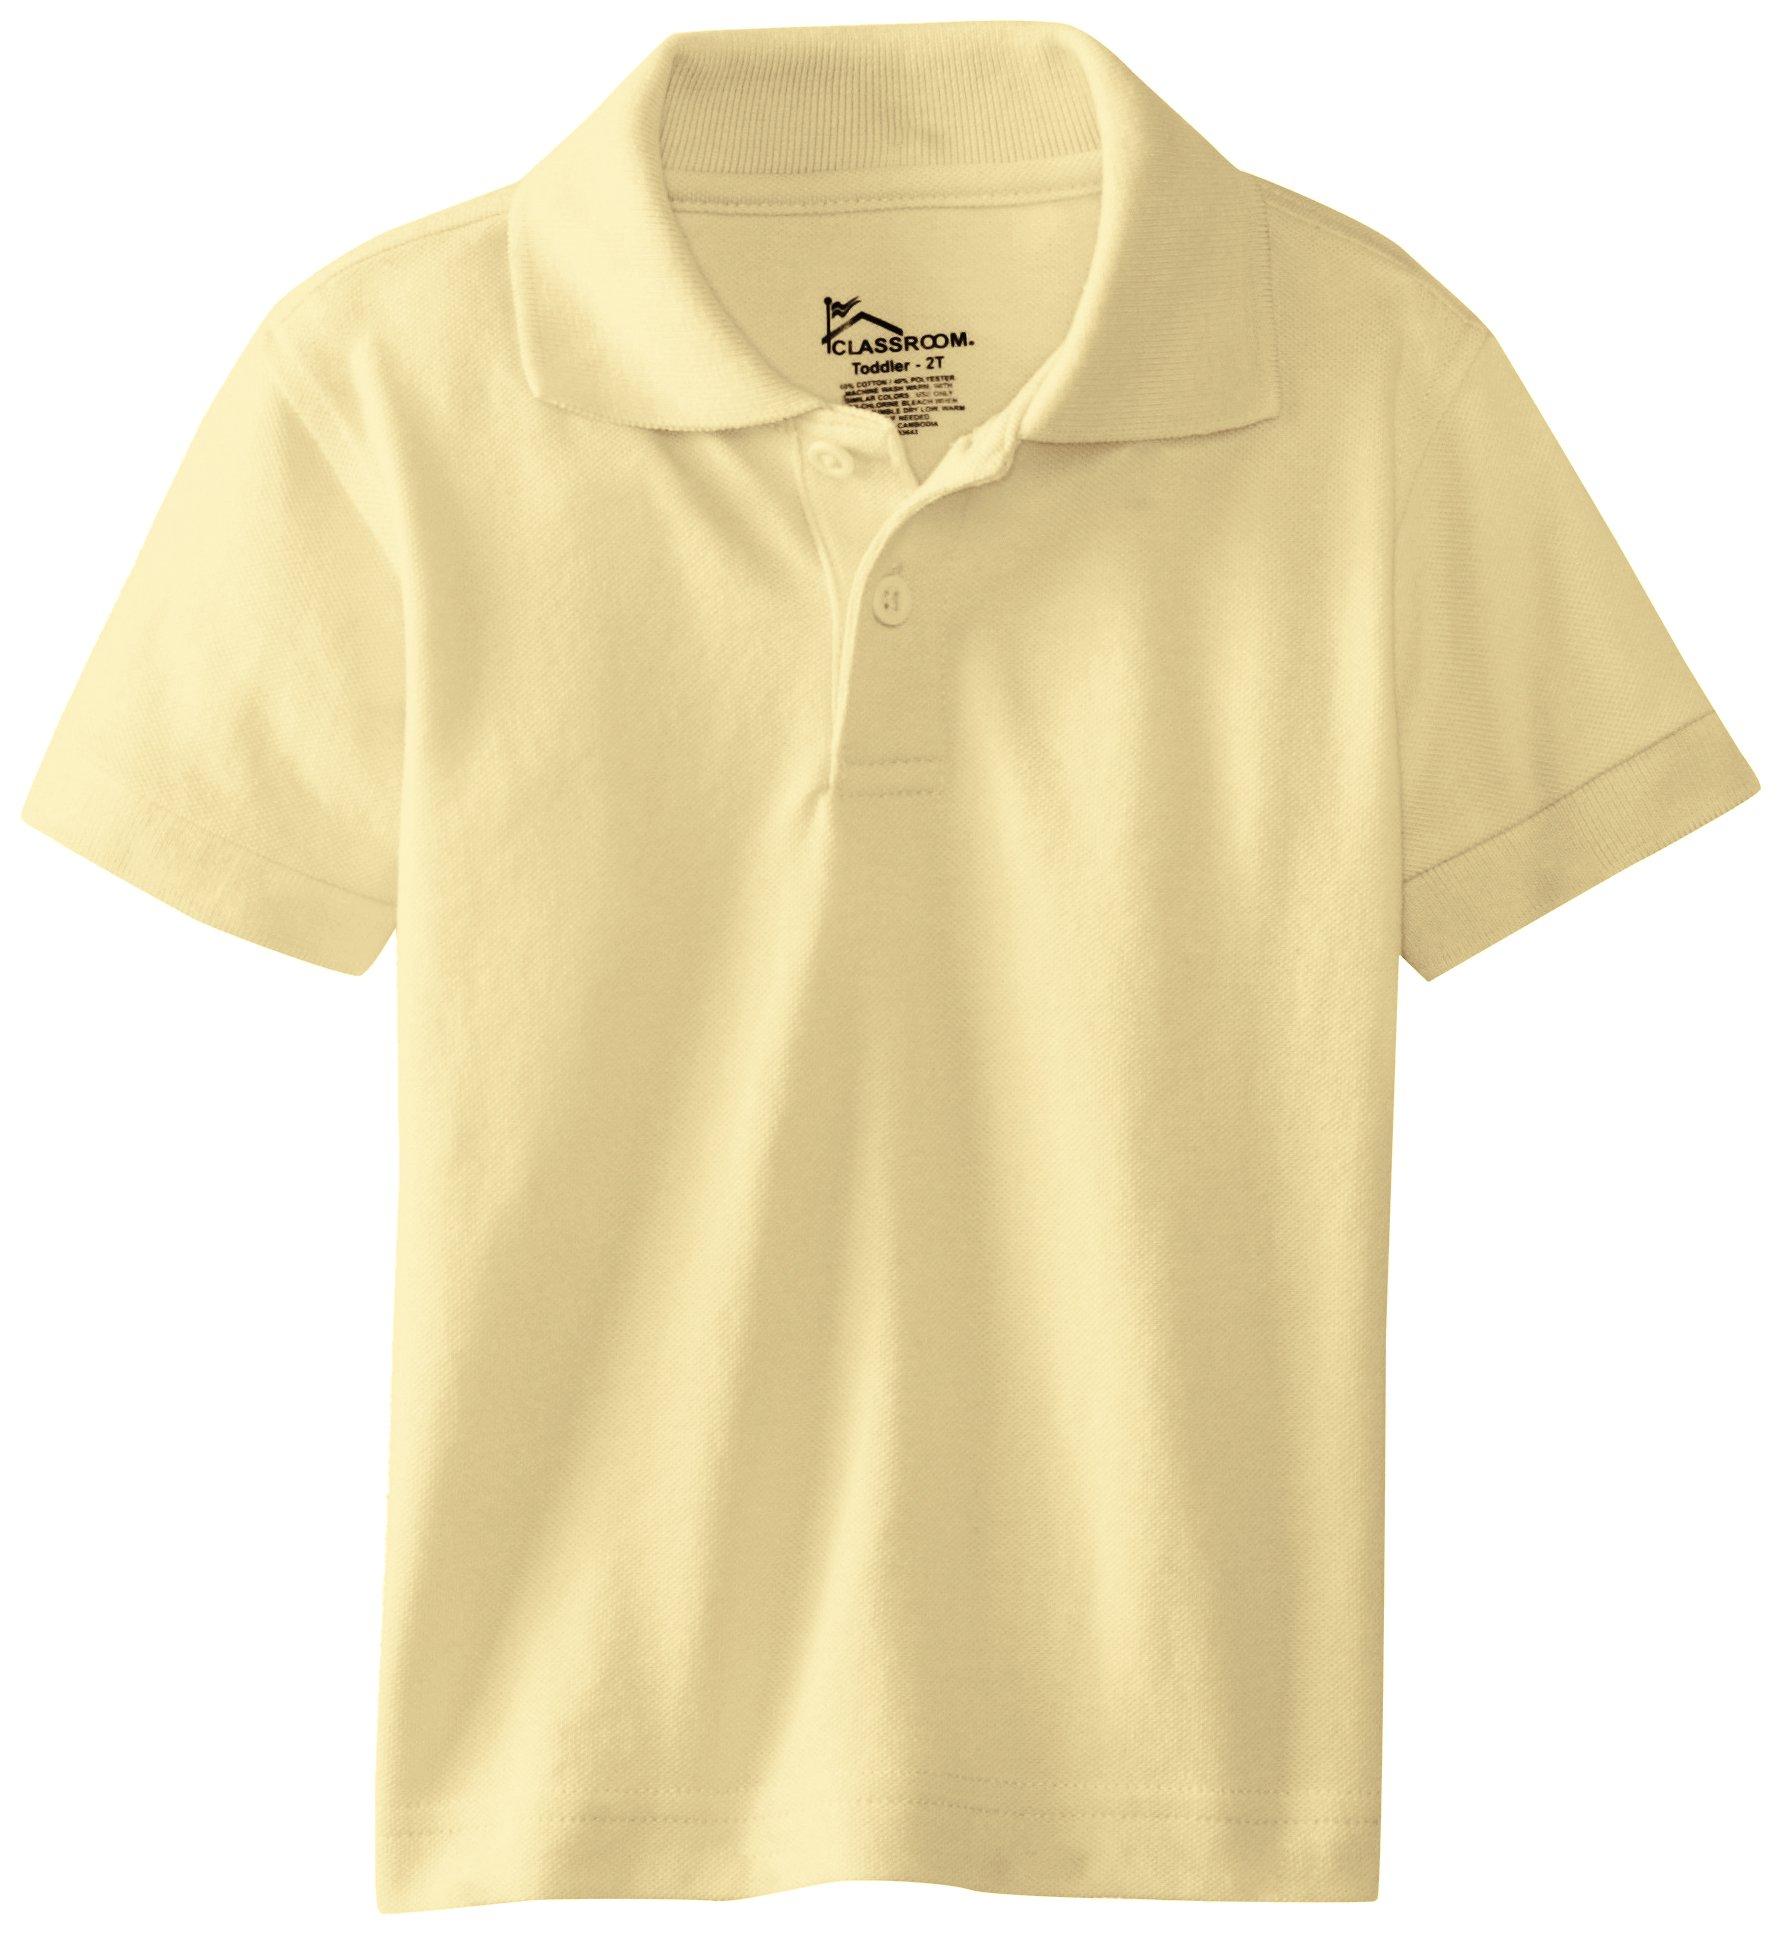 Classroom Little Boys' Toddler Short Sleeve Pique Polo, Yellow, 4T